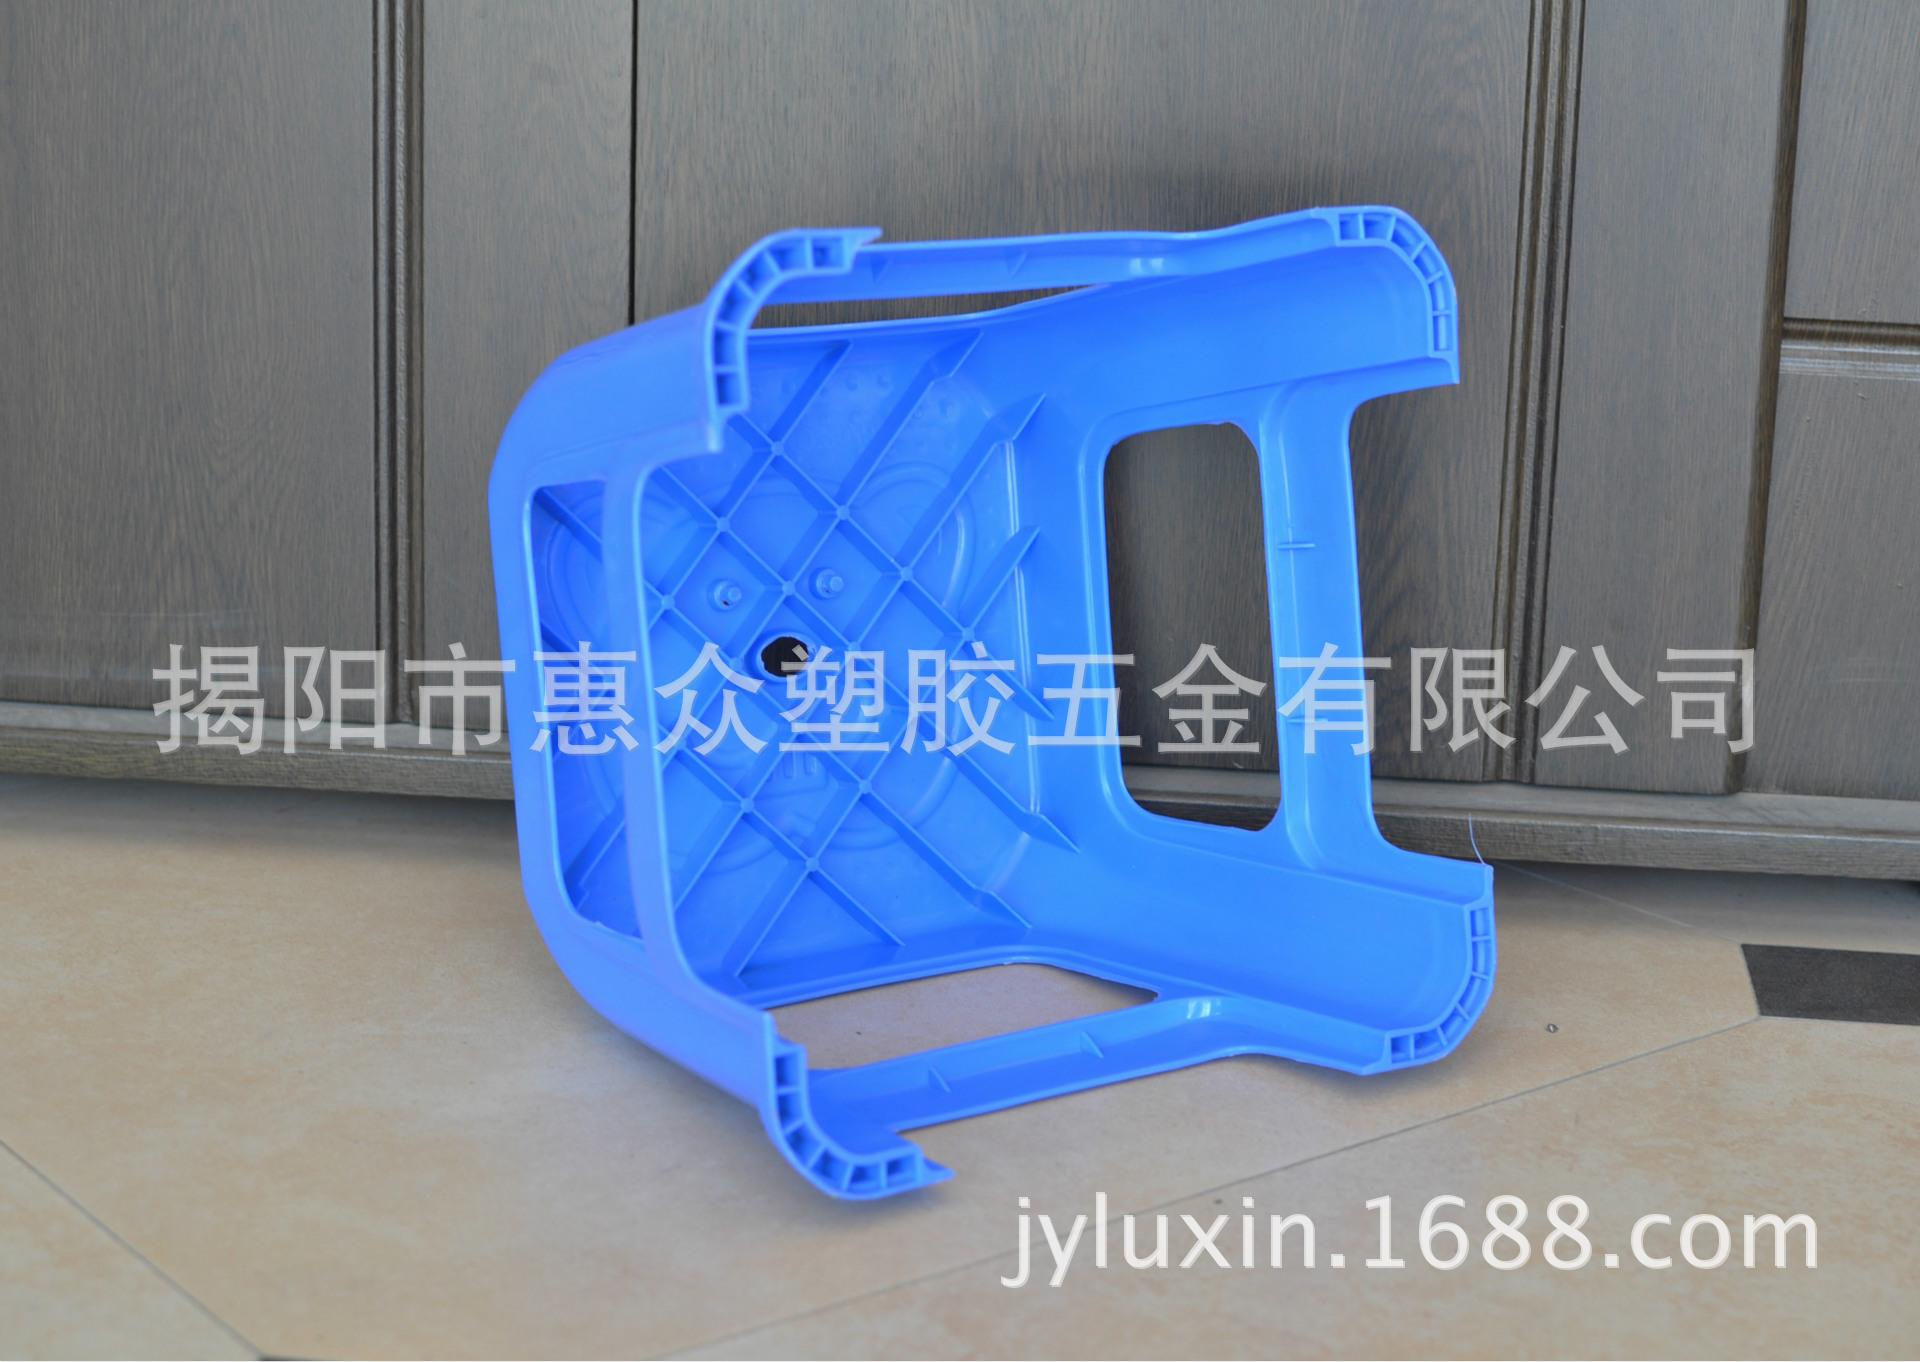 批发供应塑料椅子小方凳板凳 宝宝凳子 塑料儿童小凳子批发